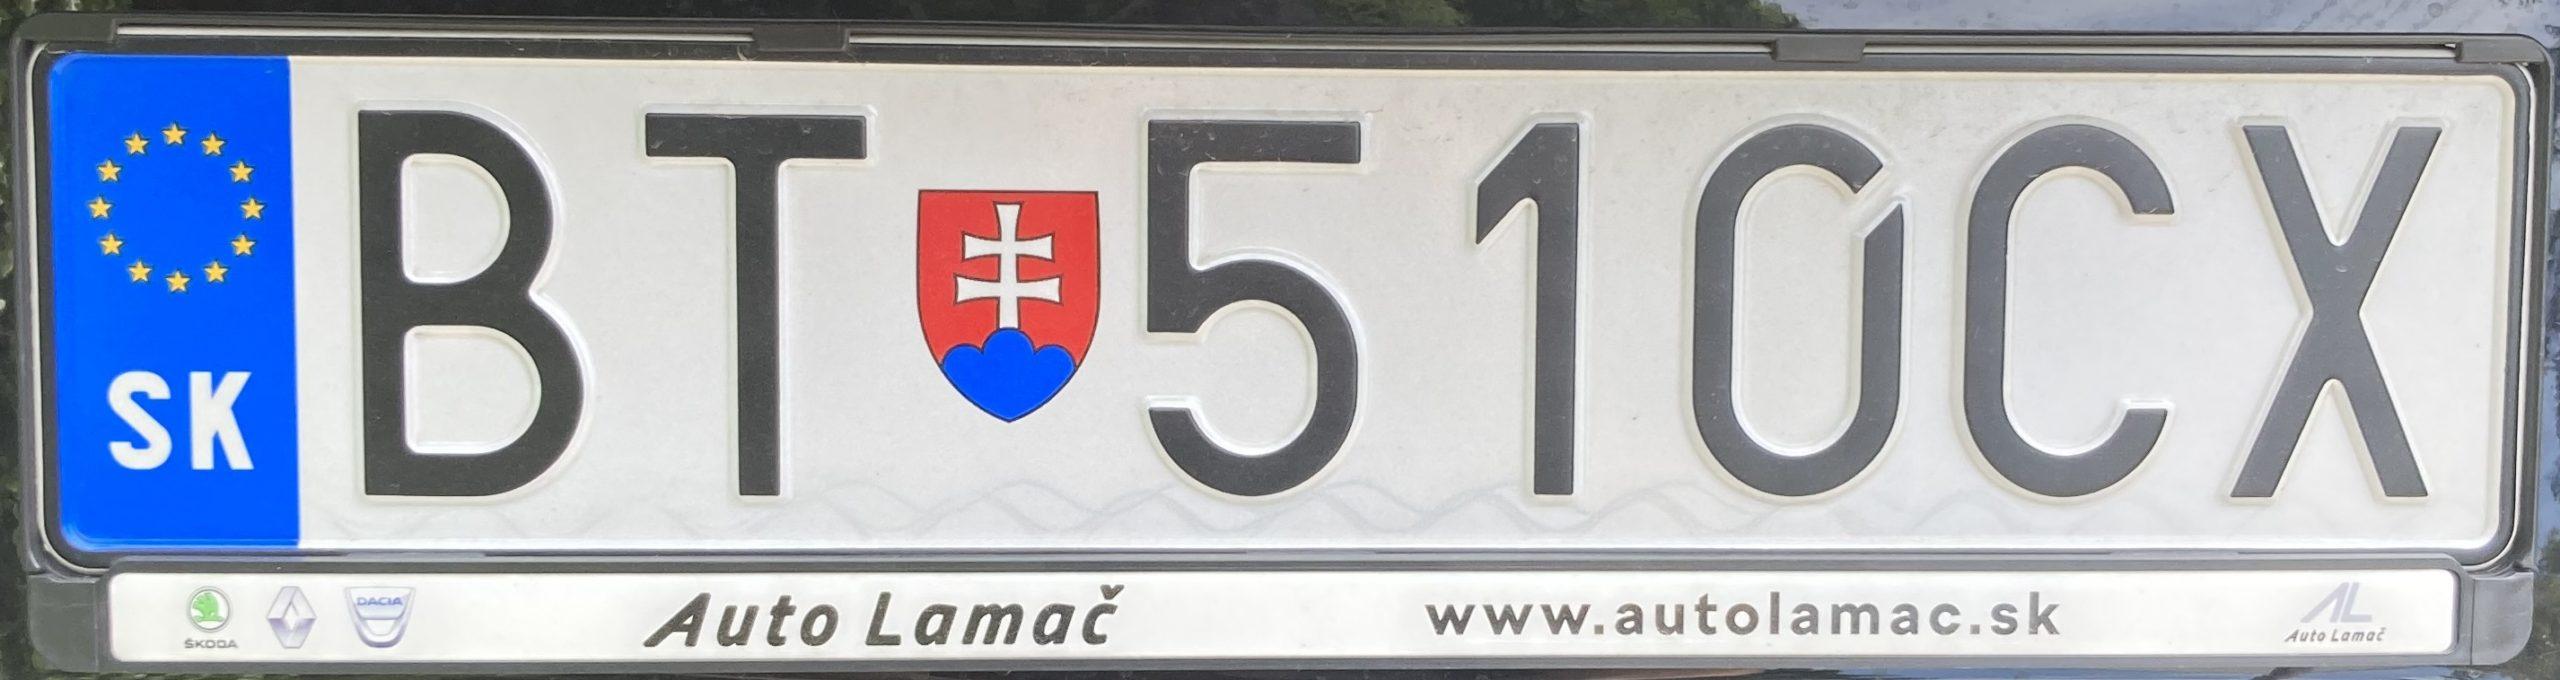 Registrační značka Slovensko - BT - Bratislava, foto: www.podalnici.cz